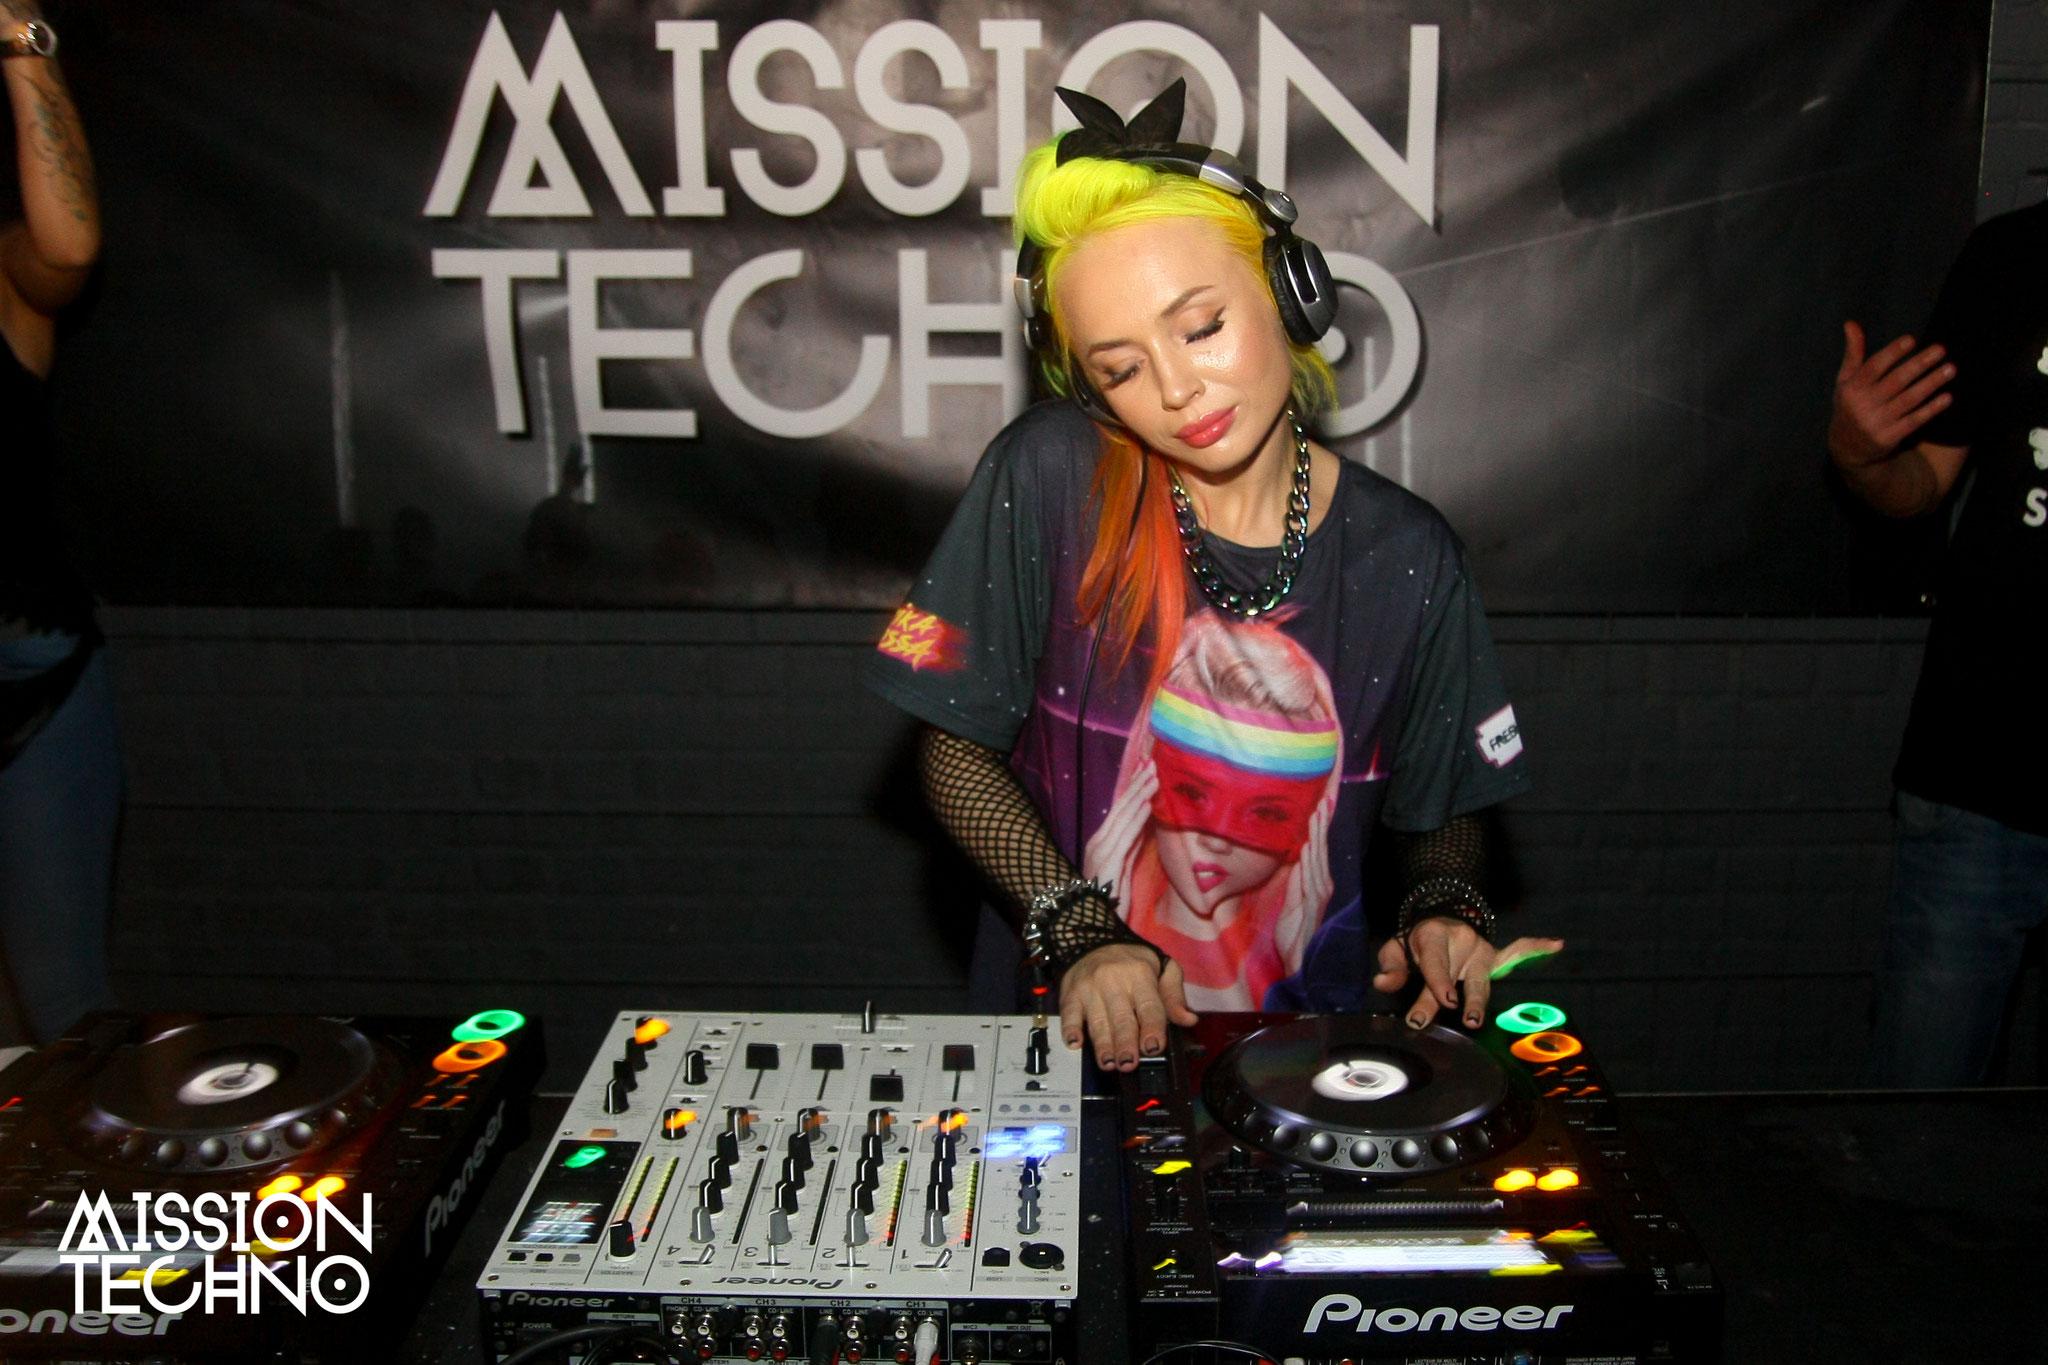 16.05.2017 Mission Techno @MS Connexion Complex, MA